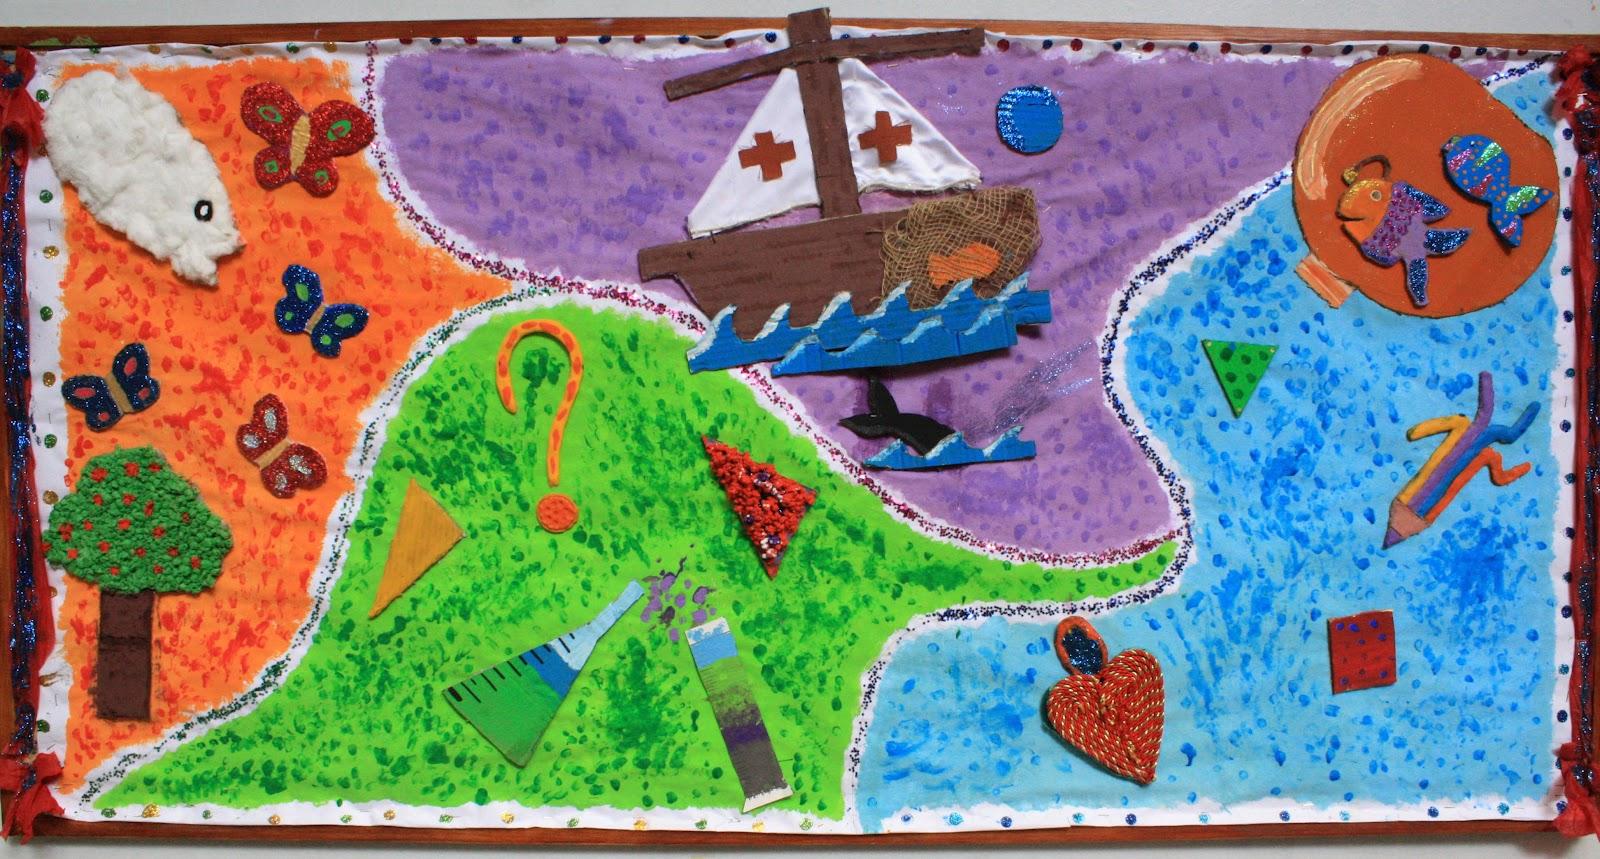 Epv colegio san jos dominicas murales creatividad for Murales faciles y creativos